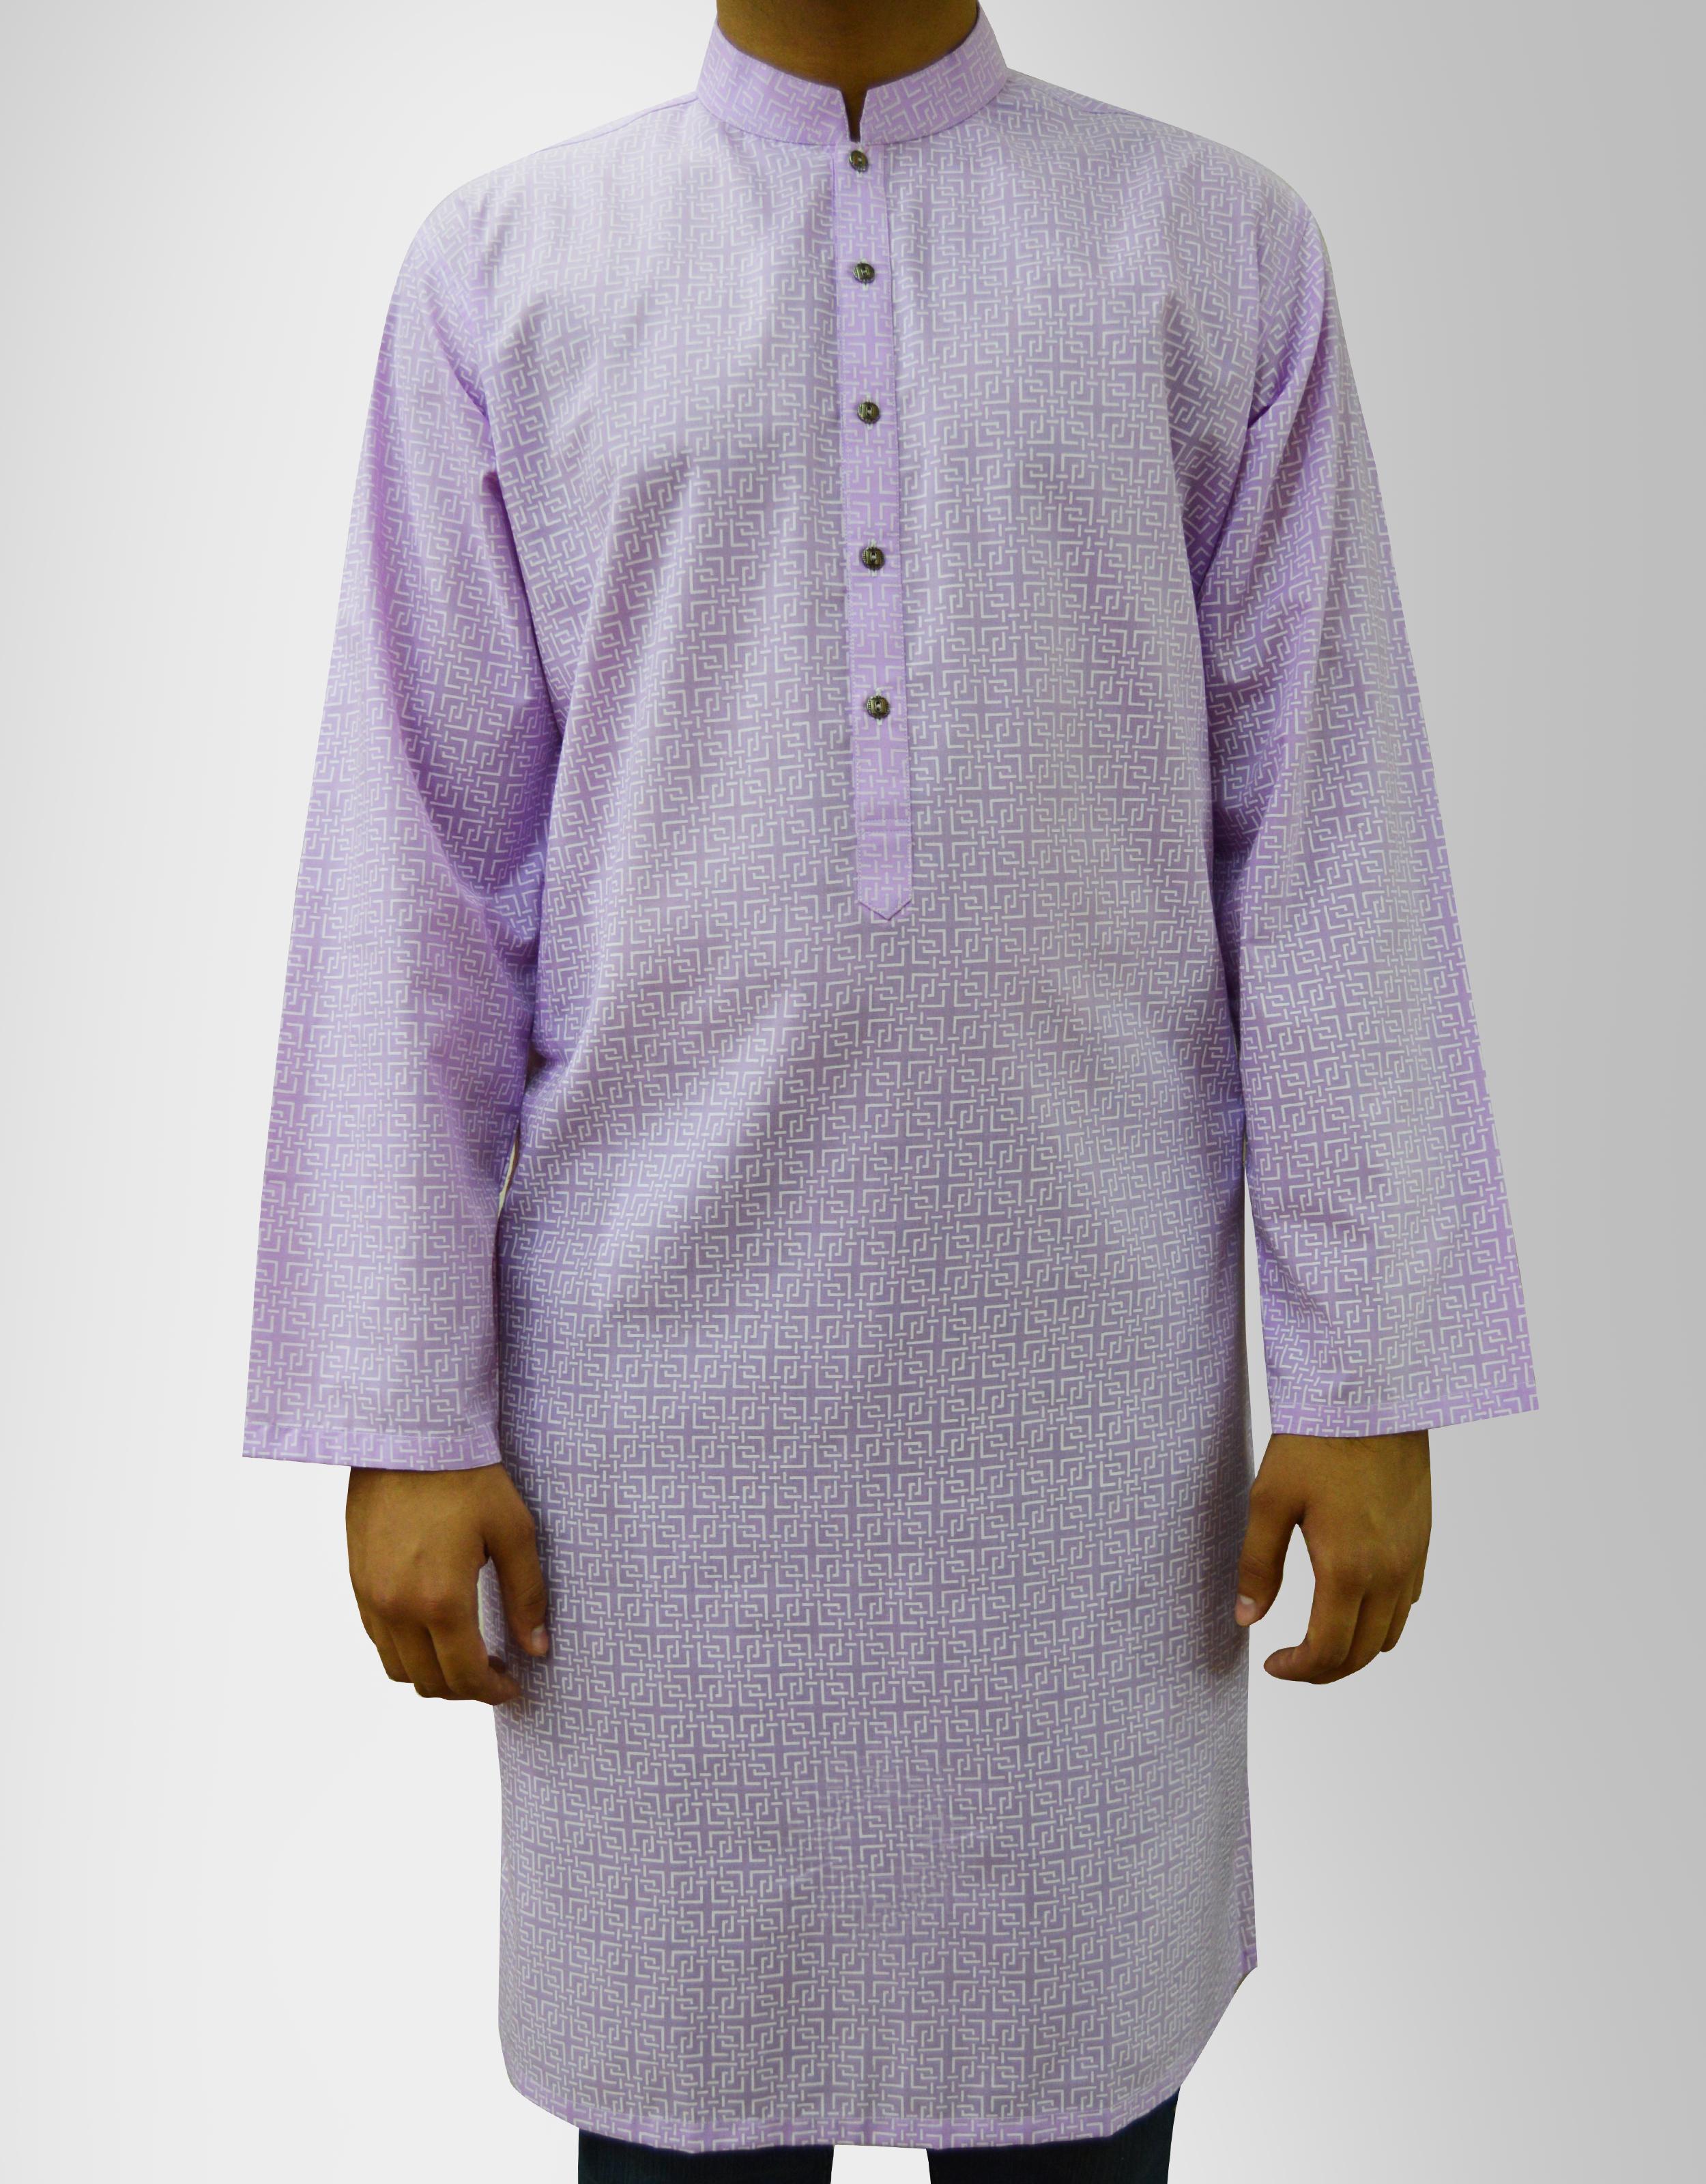 Amir-Adnan-winter-collection (10)